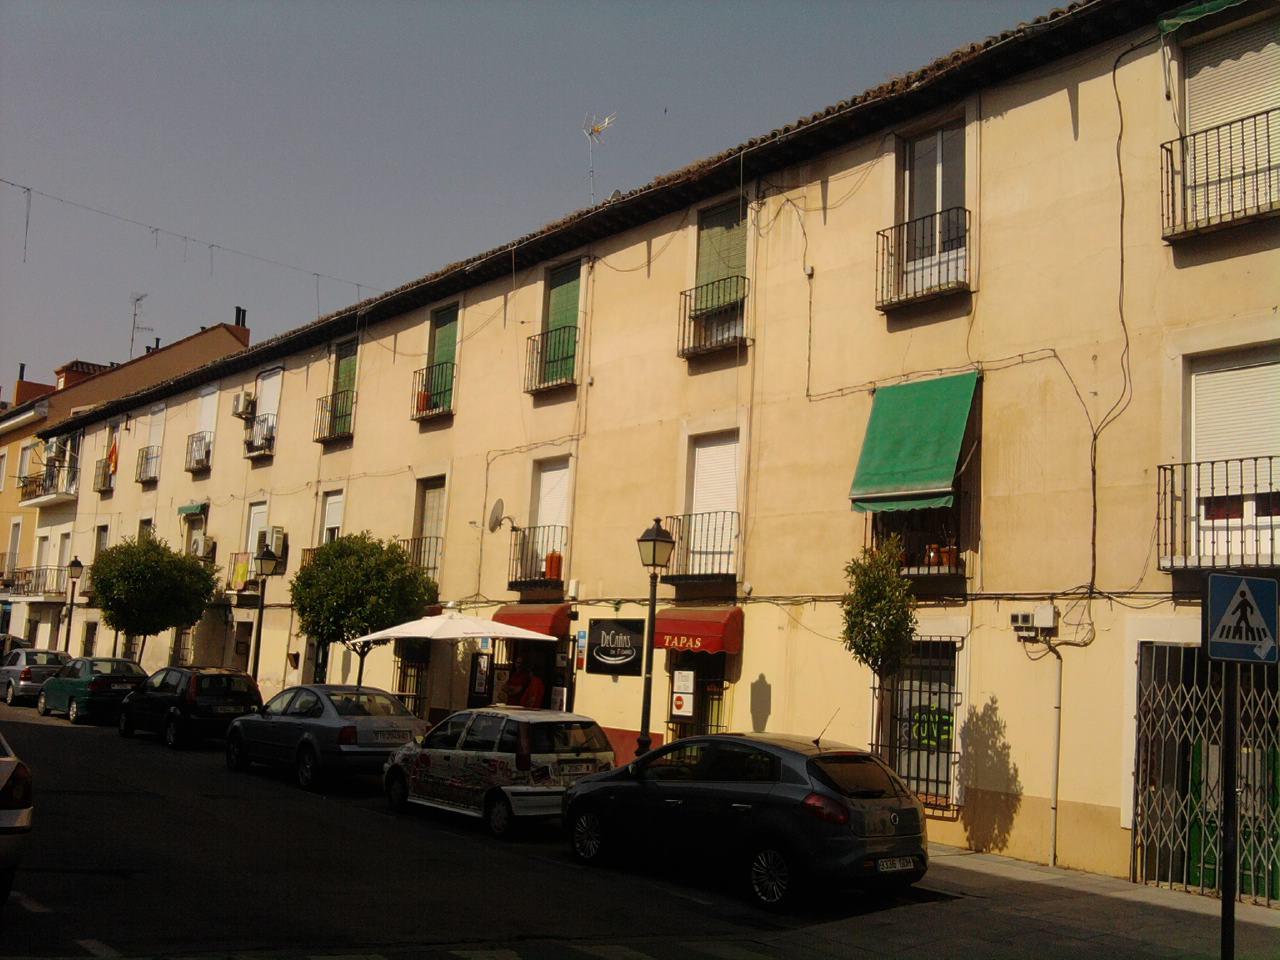 Piso de banco en aranjuez en venta 00094729 altamira inmuebles - Pisos segunda mano madrid centro ...